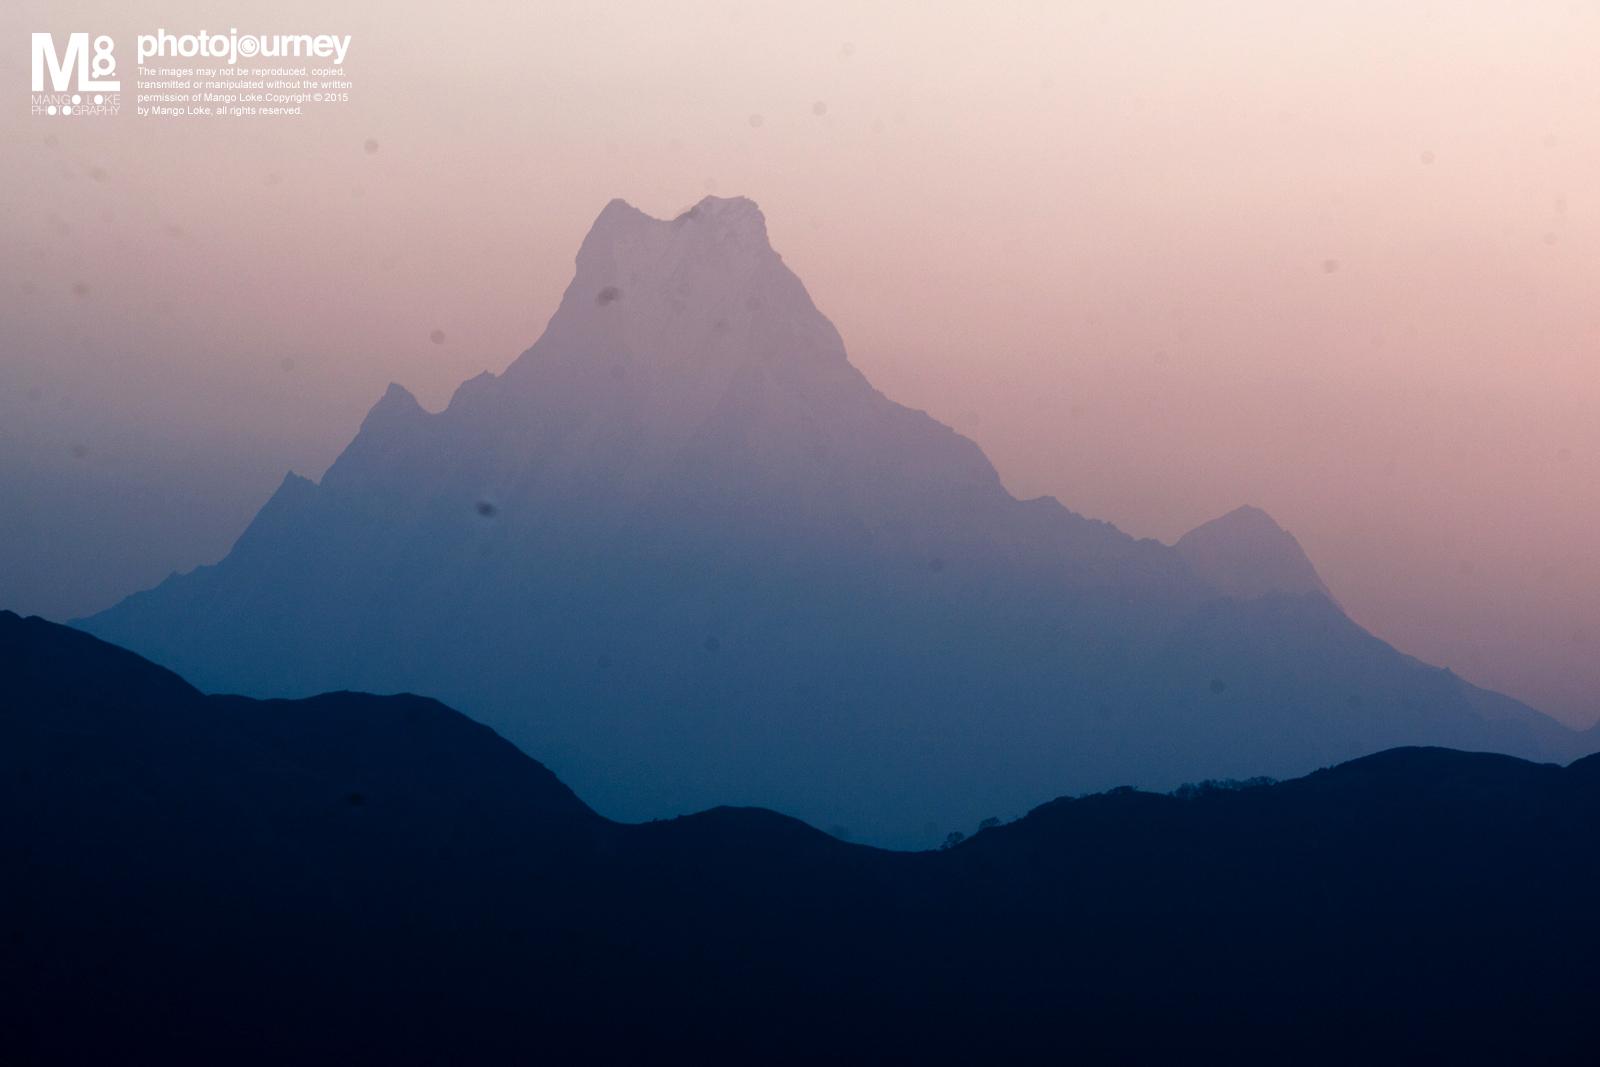 鱼尾峰.The Fish Tail 尼泊尔. Nepal. 2009 CANON1DMKIII 70-200MM F2.8L 1/160 F6.3 ISO200  Poon Hill. 凌晨五点,只有头上一盏灯,摸黑的在山区里行走大概半小时,为的就是要爬上观景区看喜马拉雅山脉的日出. 三月的尼泊尔天空弥漫着朦胧的烟雾. 当太阳慢慢的从东方升起,阳光与烟雾合并成了另一番味道的喜马拉雅山脉景色.   Well, 对于Travel Photography, 尤其是风景相,我相信每一种天气,气候都会有其美丽的一面. 阳光普照有它的美,天阴灰淡也一样会有它的味道. 只是摄影者会用什么样的心态思想去看, 这是很重要的.  摄影是一个框,观点框.你用什么样的观点去框住你所看见的影像.尤其是写实记录的照片, 你的观点框能都看到什么,能够带给观者什么样的讯息.单单的摄影技巧,相机的型号,镜头的品牌本身最多也只会给你一个好的框,可能是一个高清高性能高技术的画面框,然而,哪价值的观点就得看摄影者本身了,这是无可质疑的.